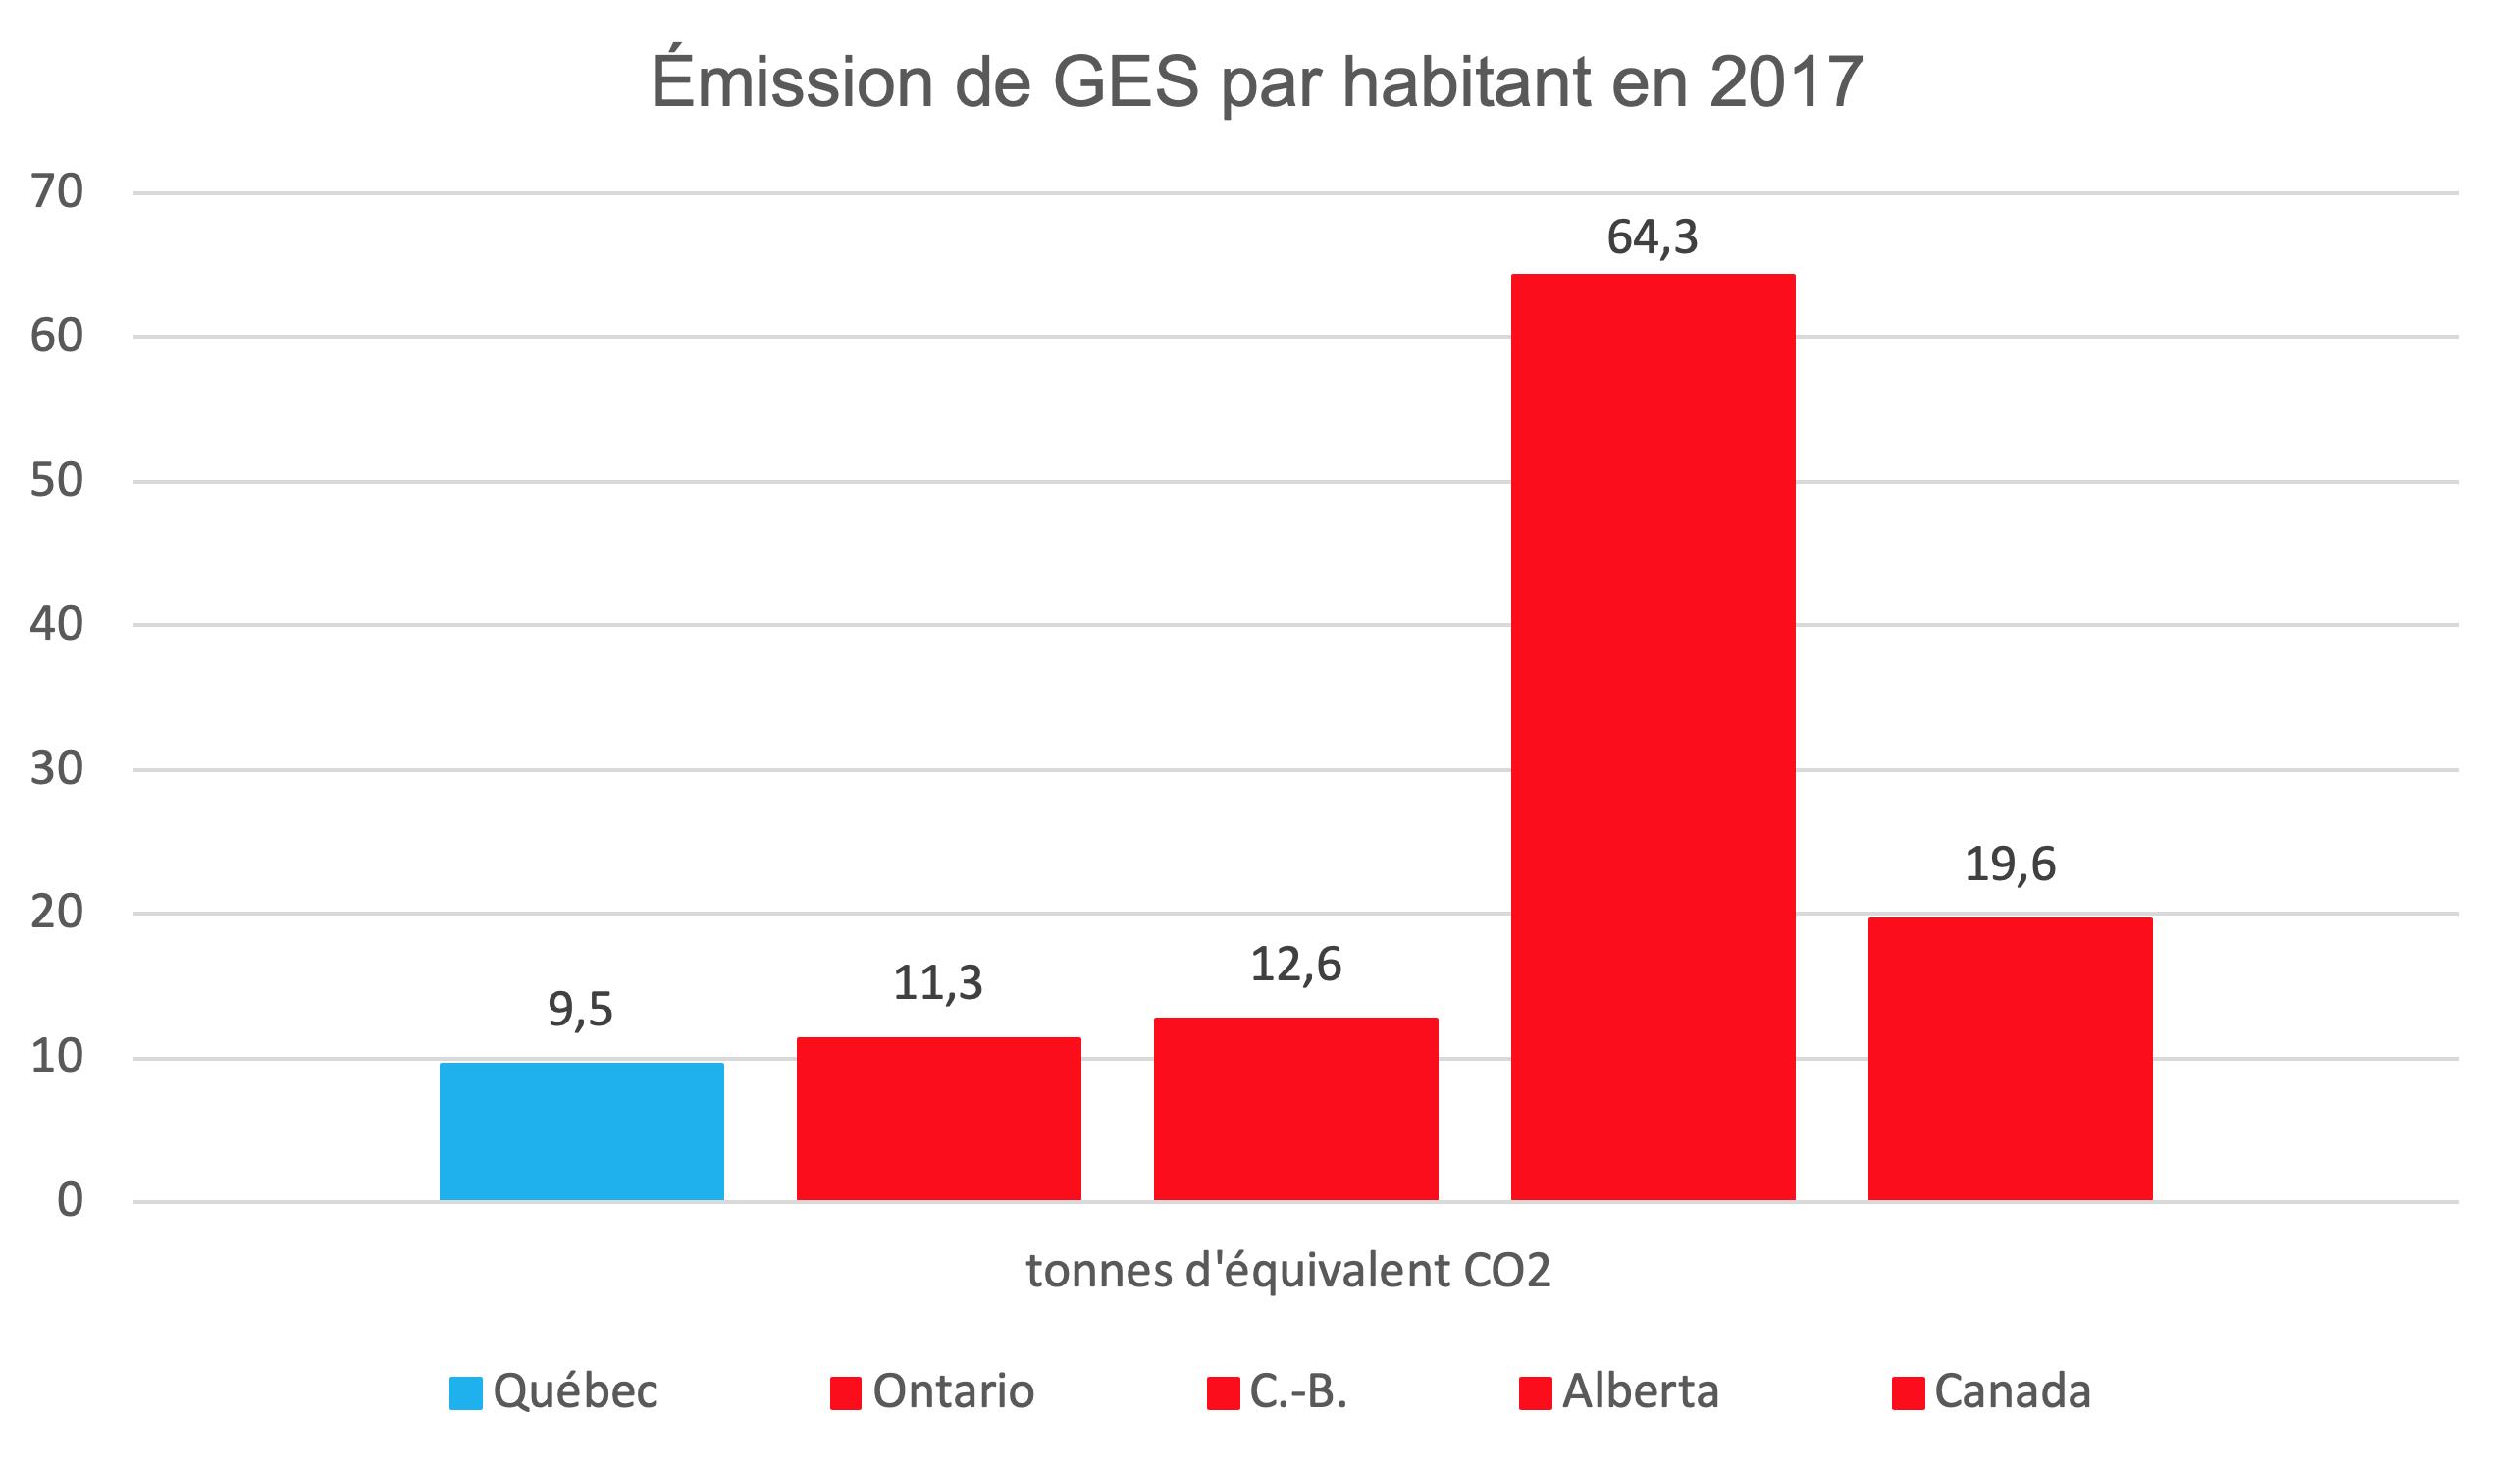 Émission de GES par habitant 2017